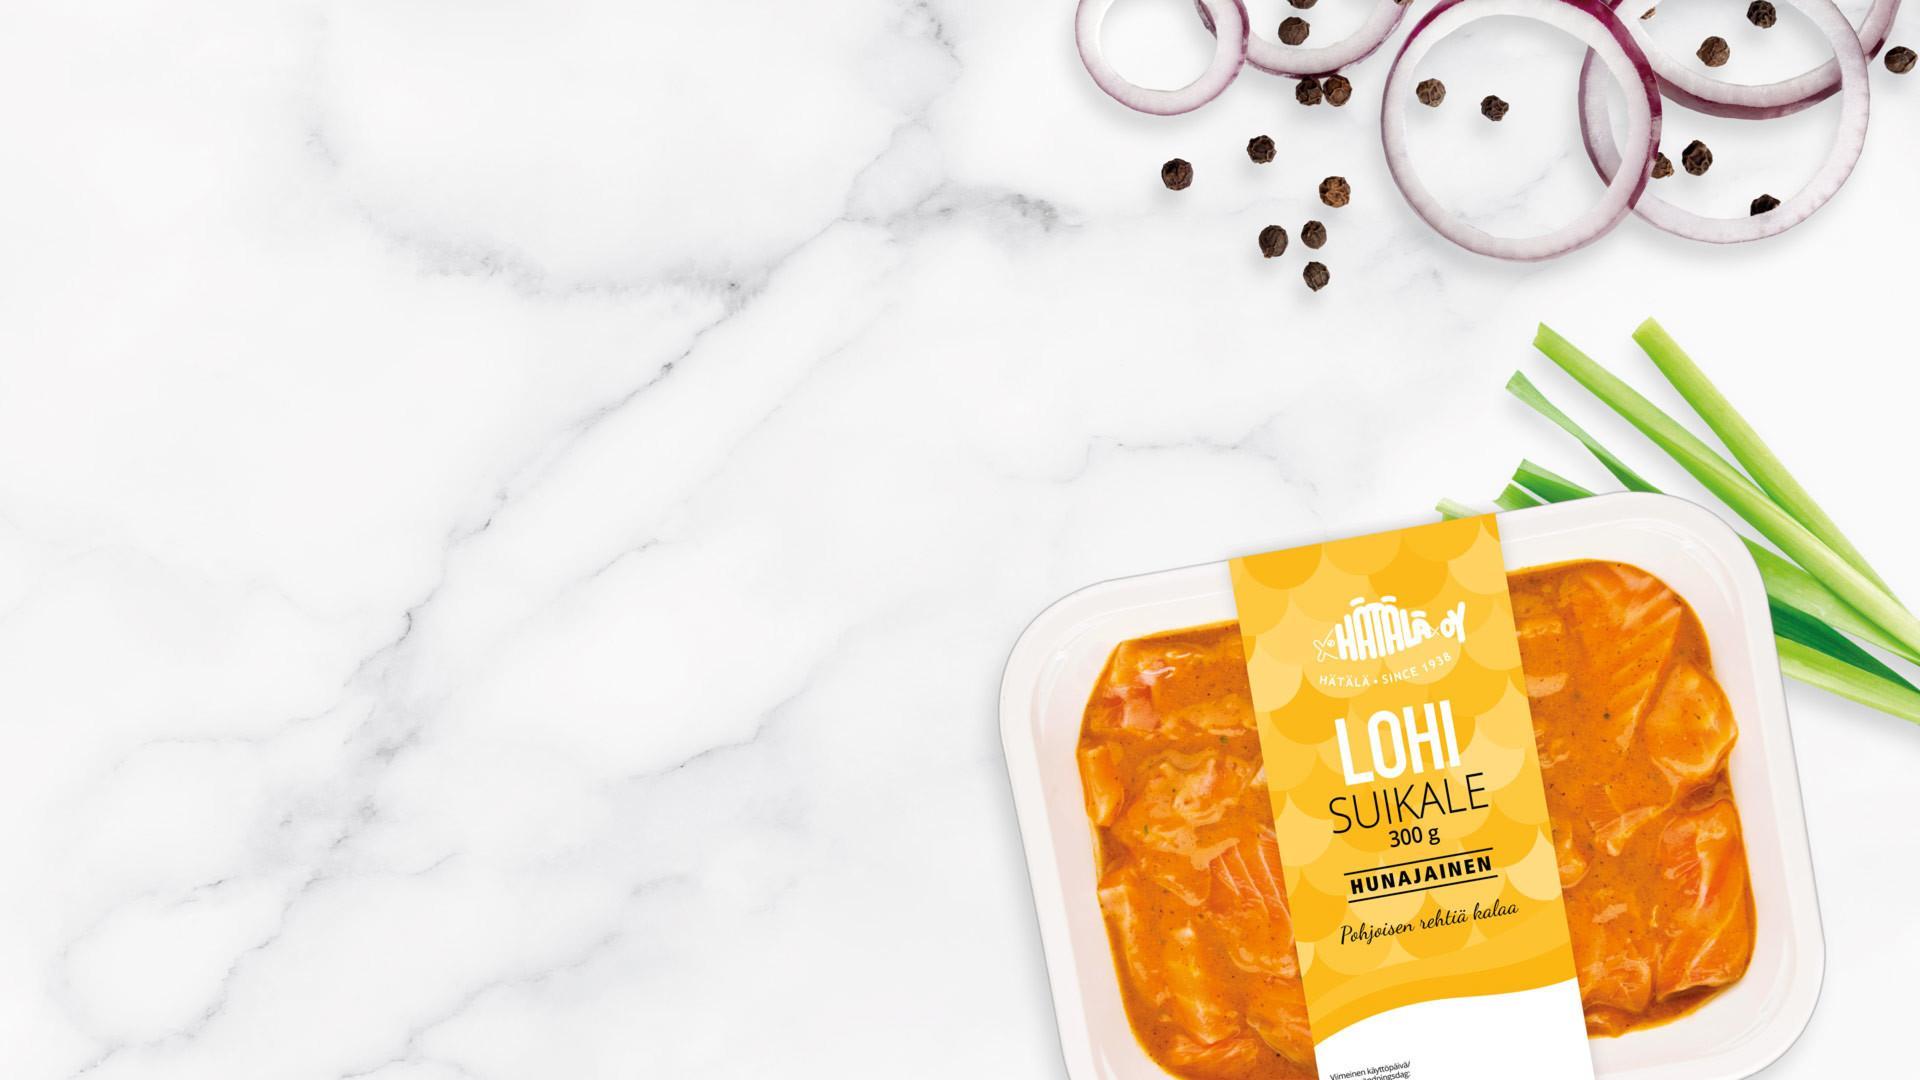 Lohisuikale Hunajainen 300 g pakkaus marmoripinnallalla | Kalatuotteet | Hätälä